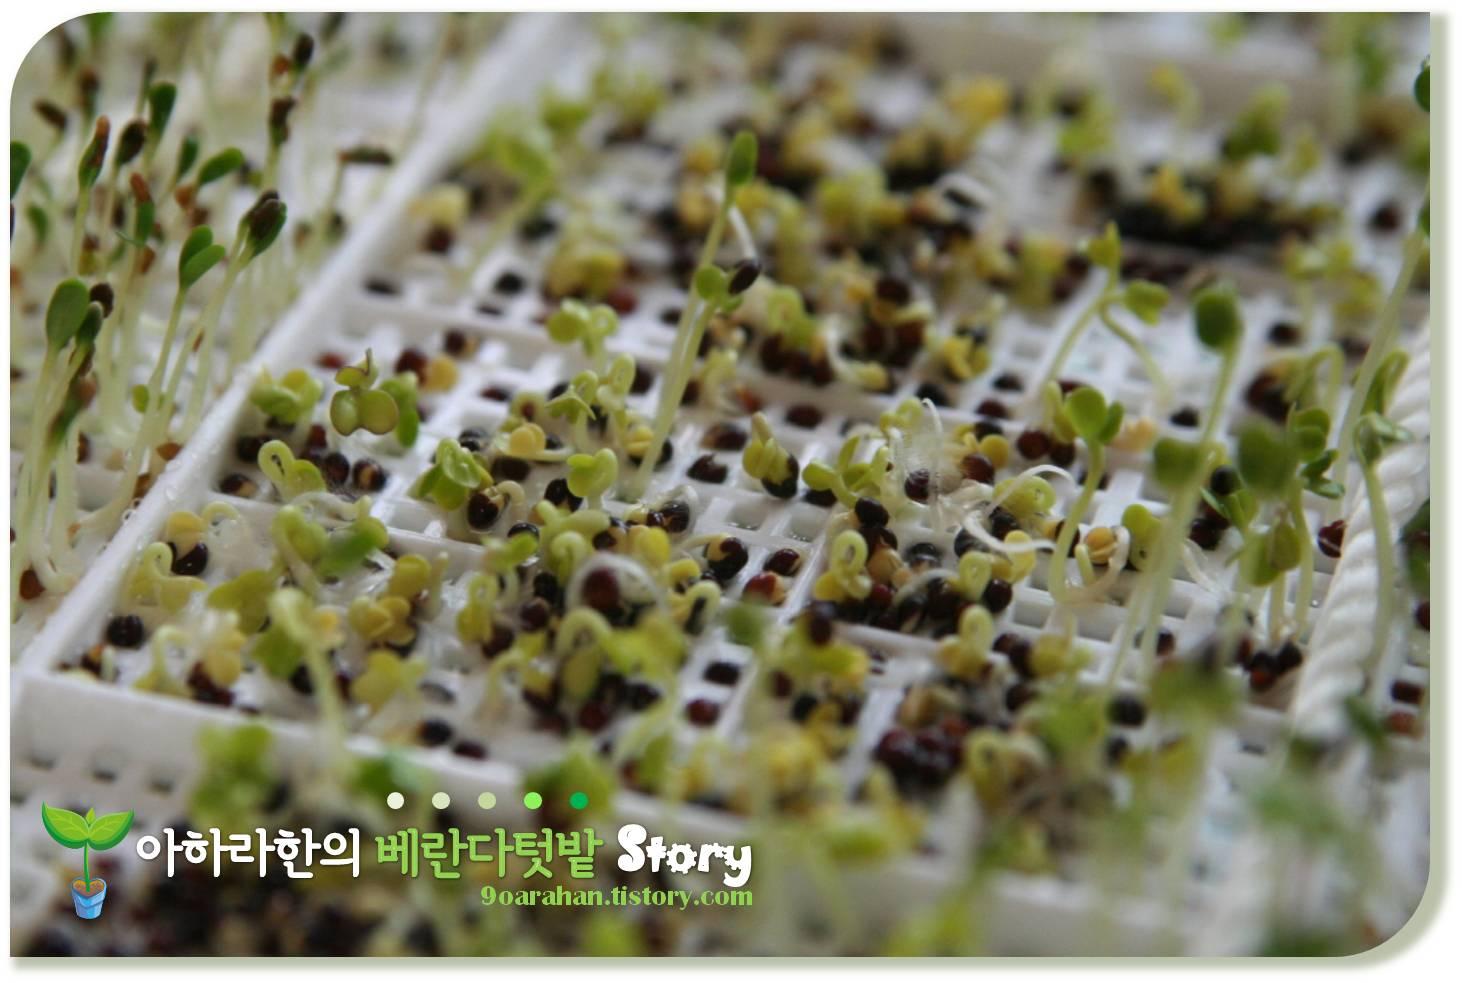 [새싹채소기르기] 구입한 새싹채소재배기 VS 재활용 새싹채소재배기로 새싹채소기르기